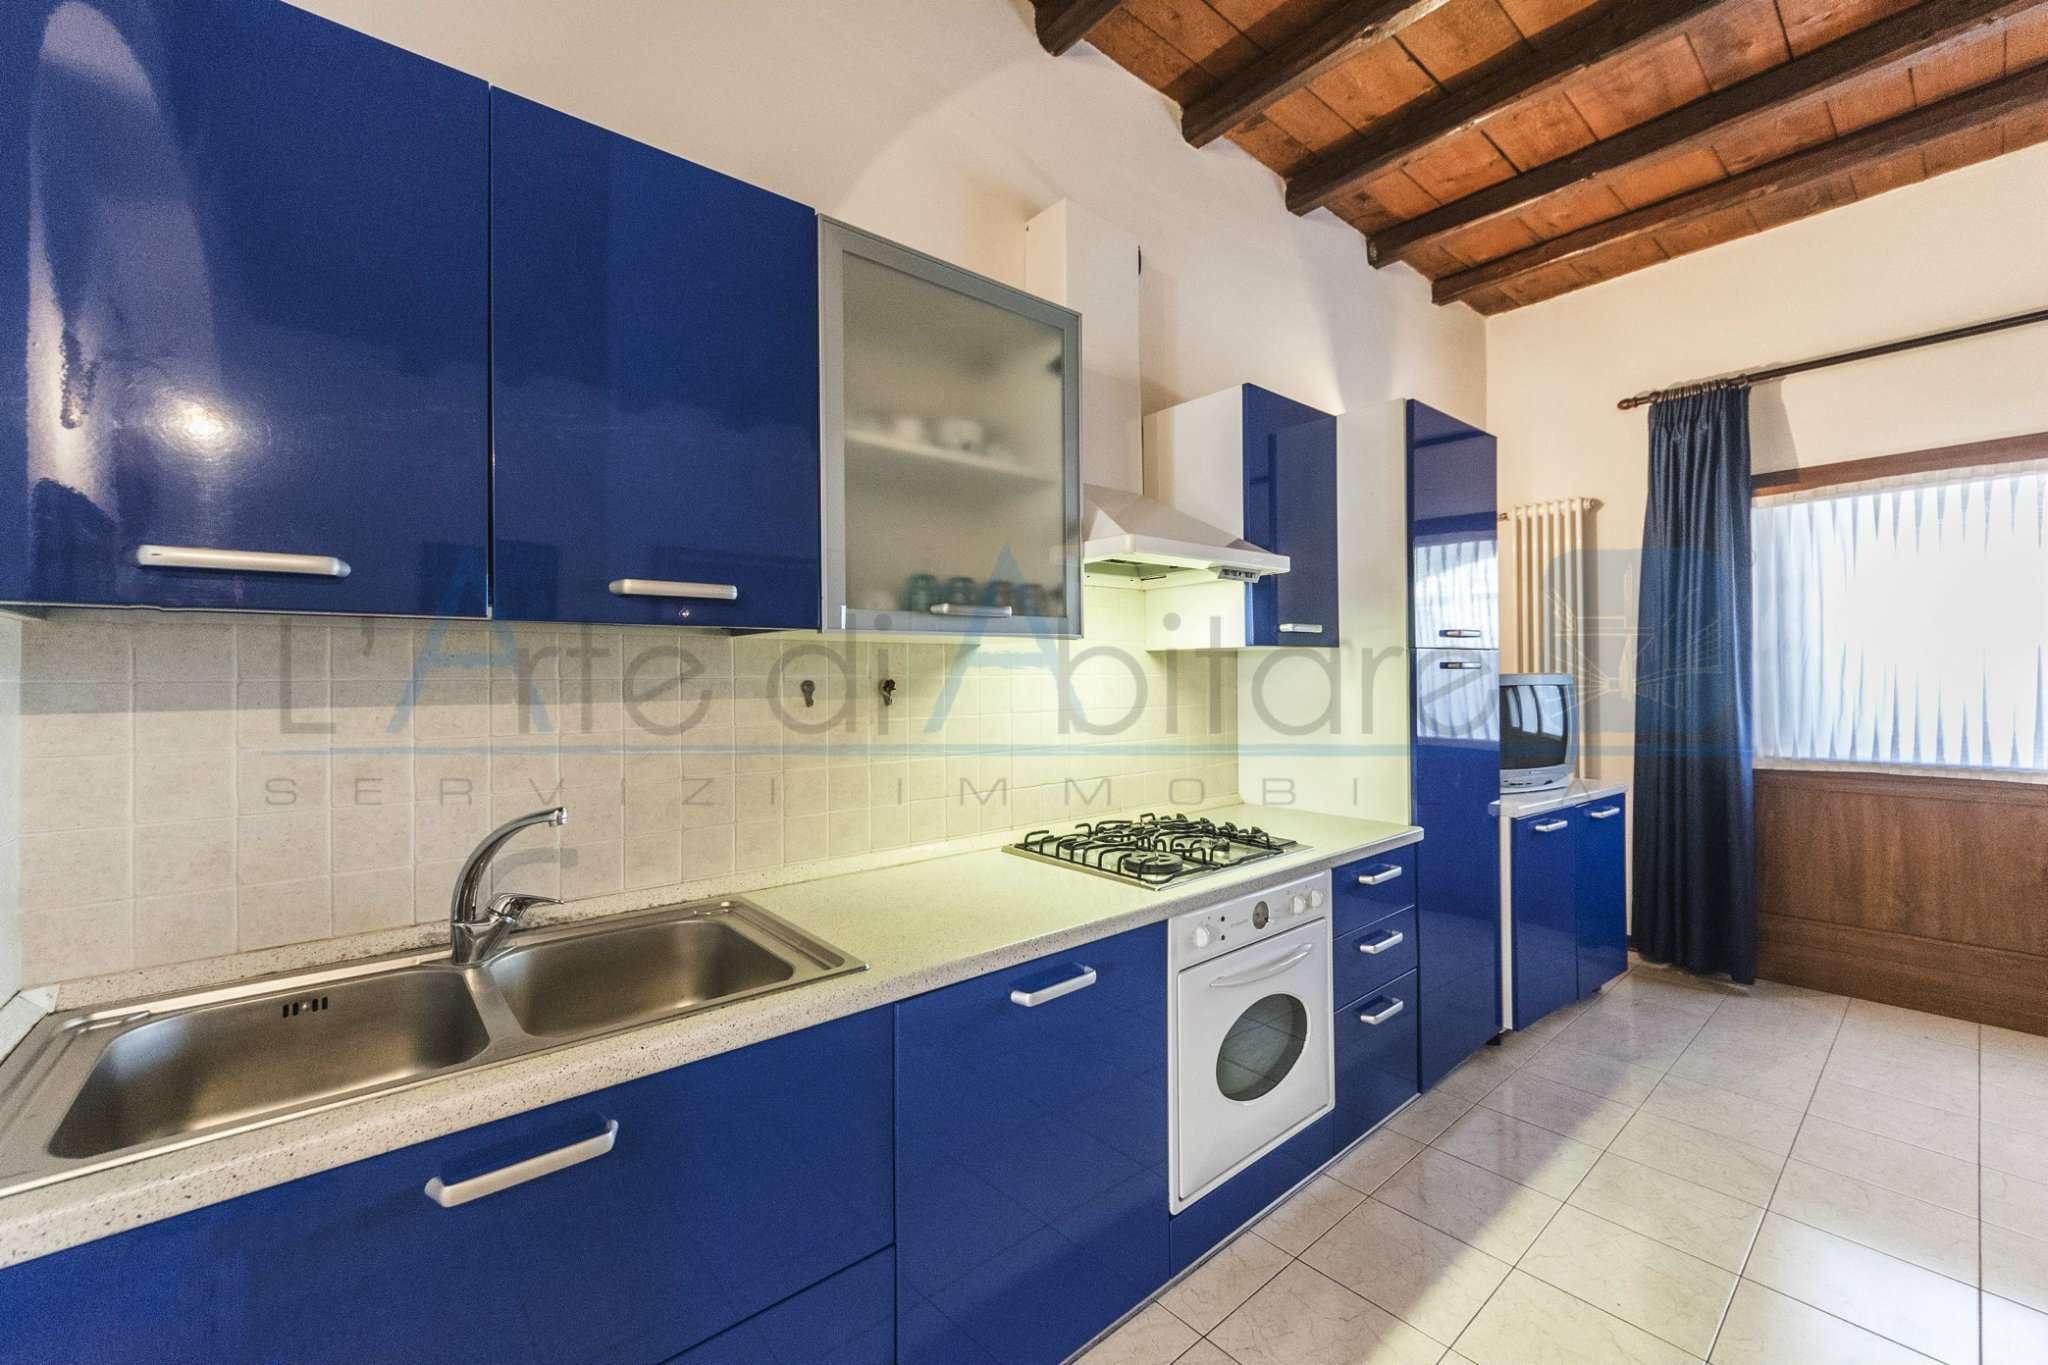 Appartamento in vendita a Caorle, 2 locali, prezzo € 195.000 | Cambio Casa.it